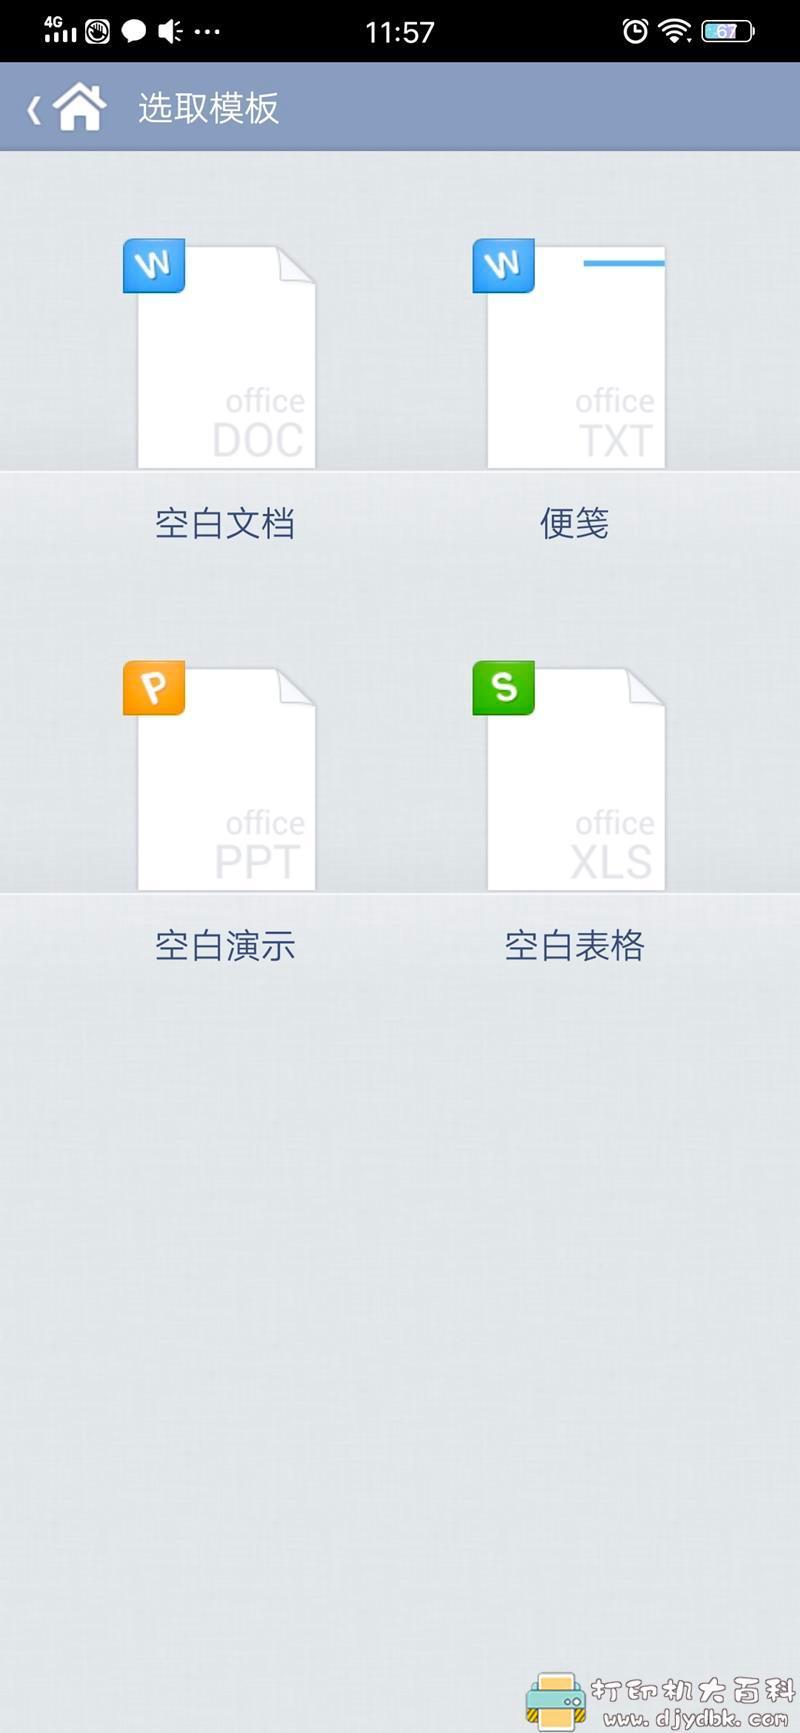 [Android]华为G7自带5.5版本wps 不一样的操作体验图片 No.2